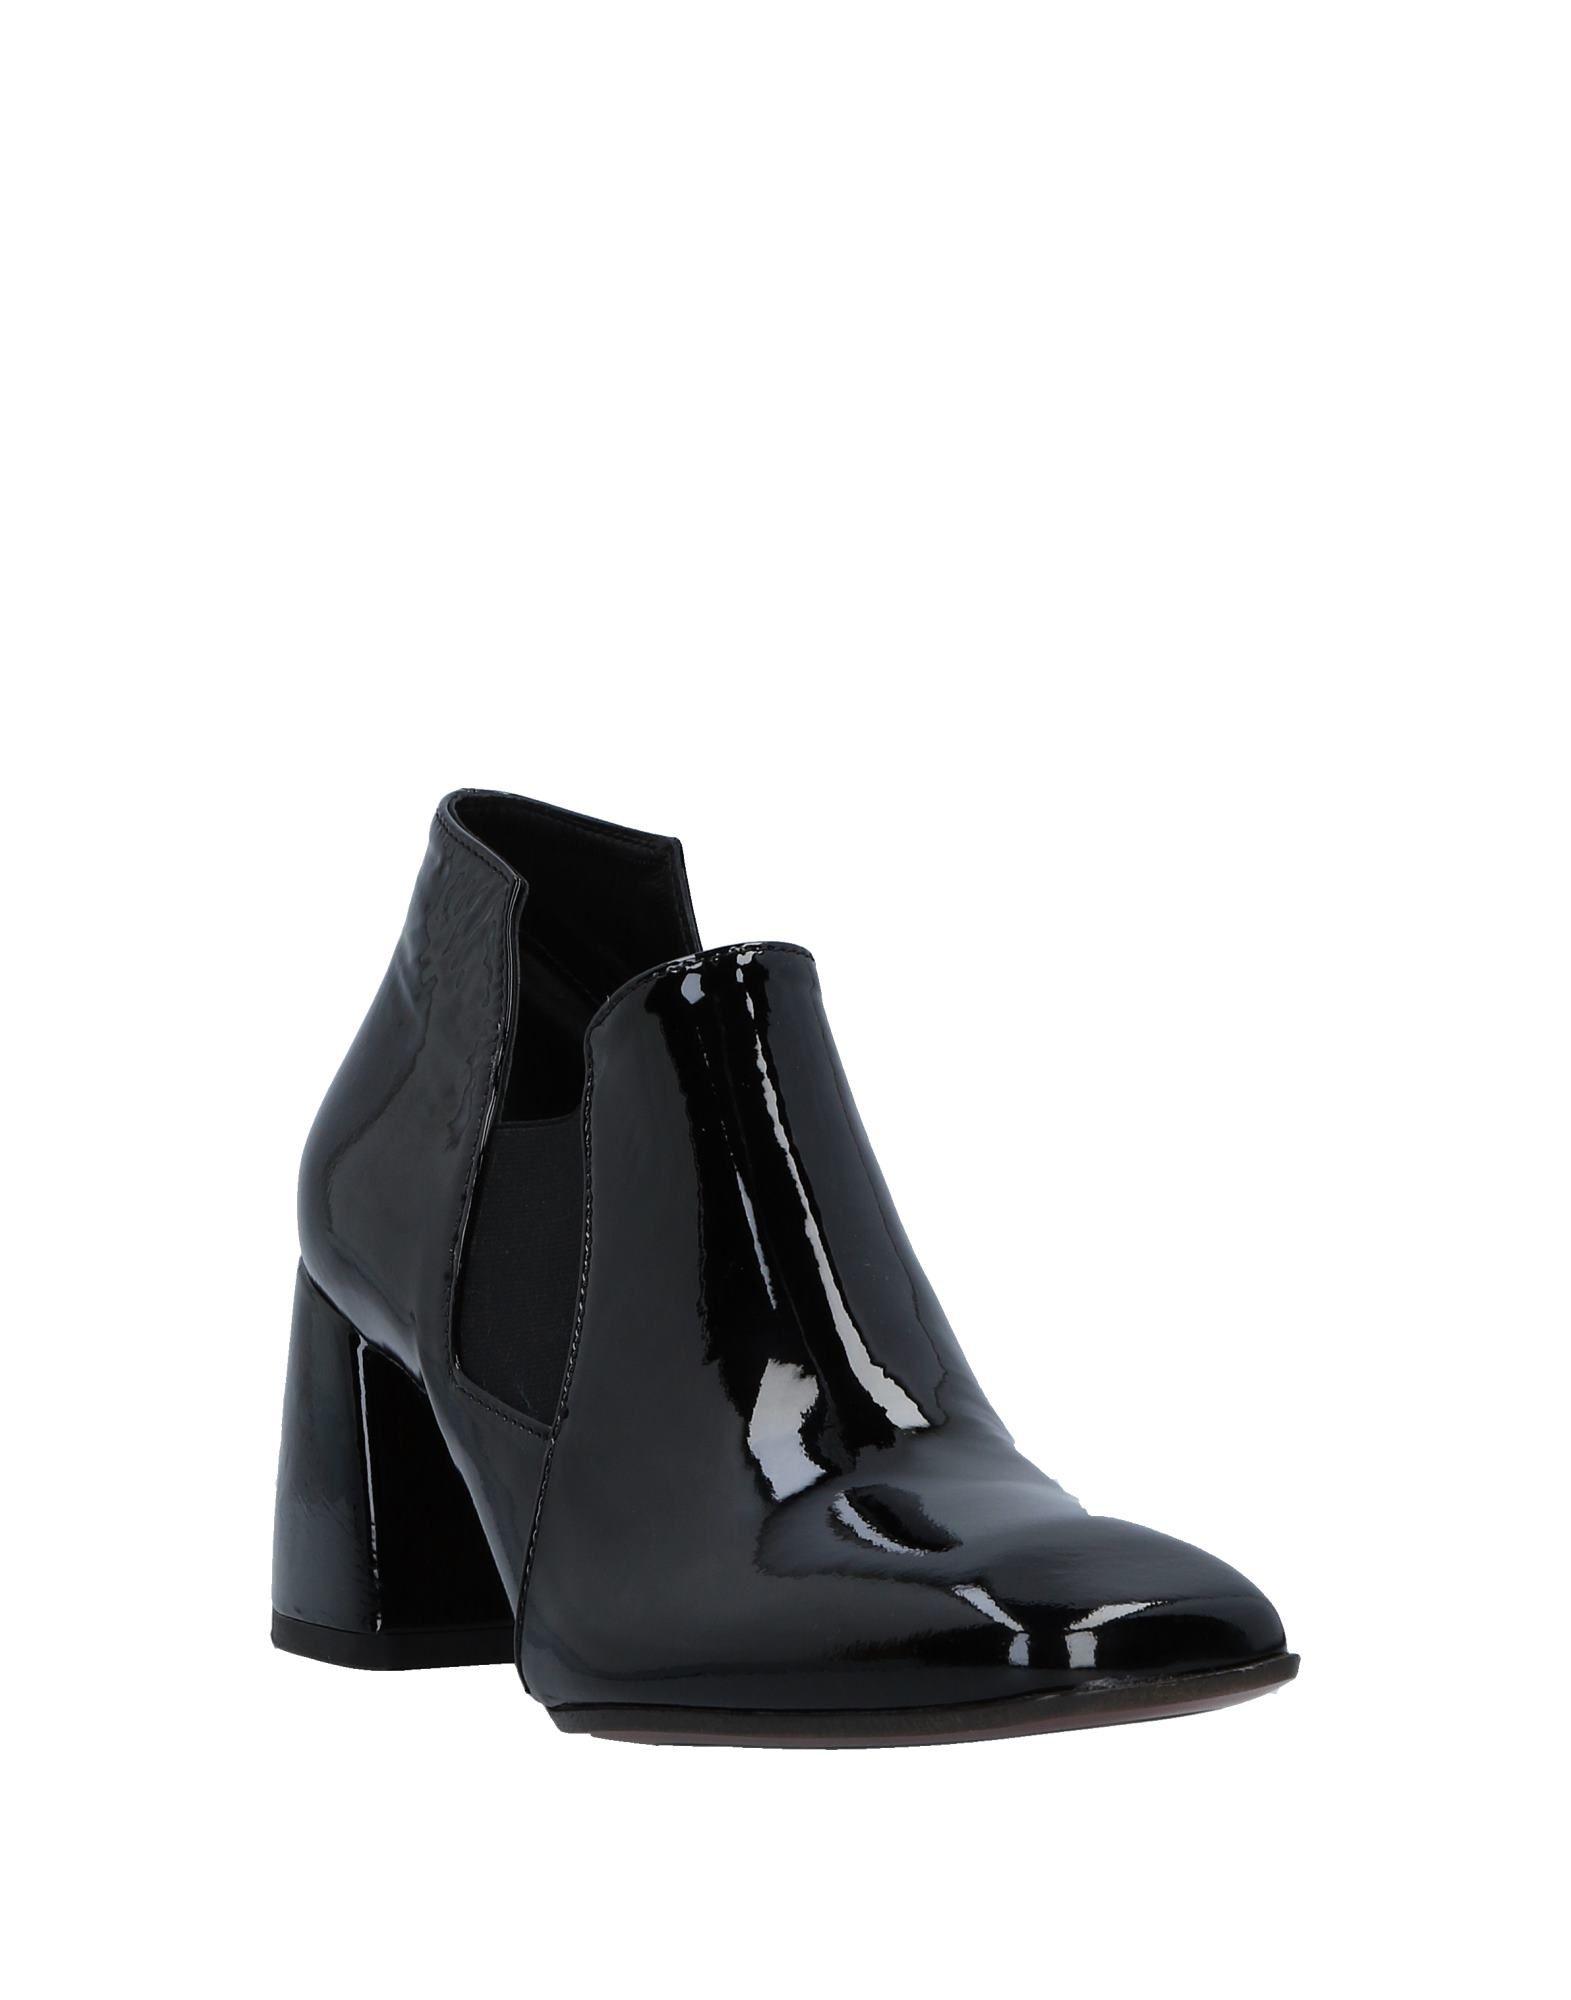 Ixos Stiefelette Damen  11529512TSGut aussehende strapazierfähige Schuhe